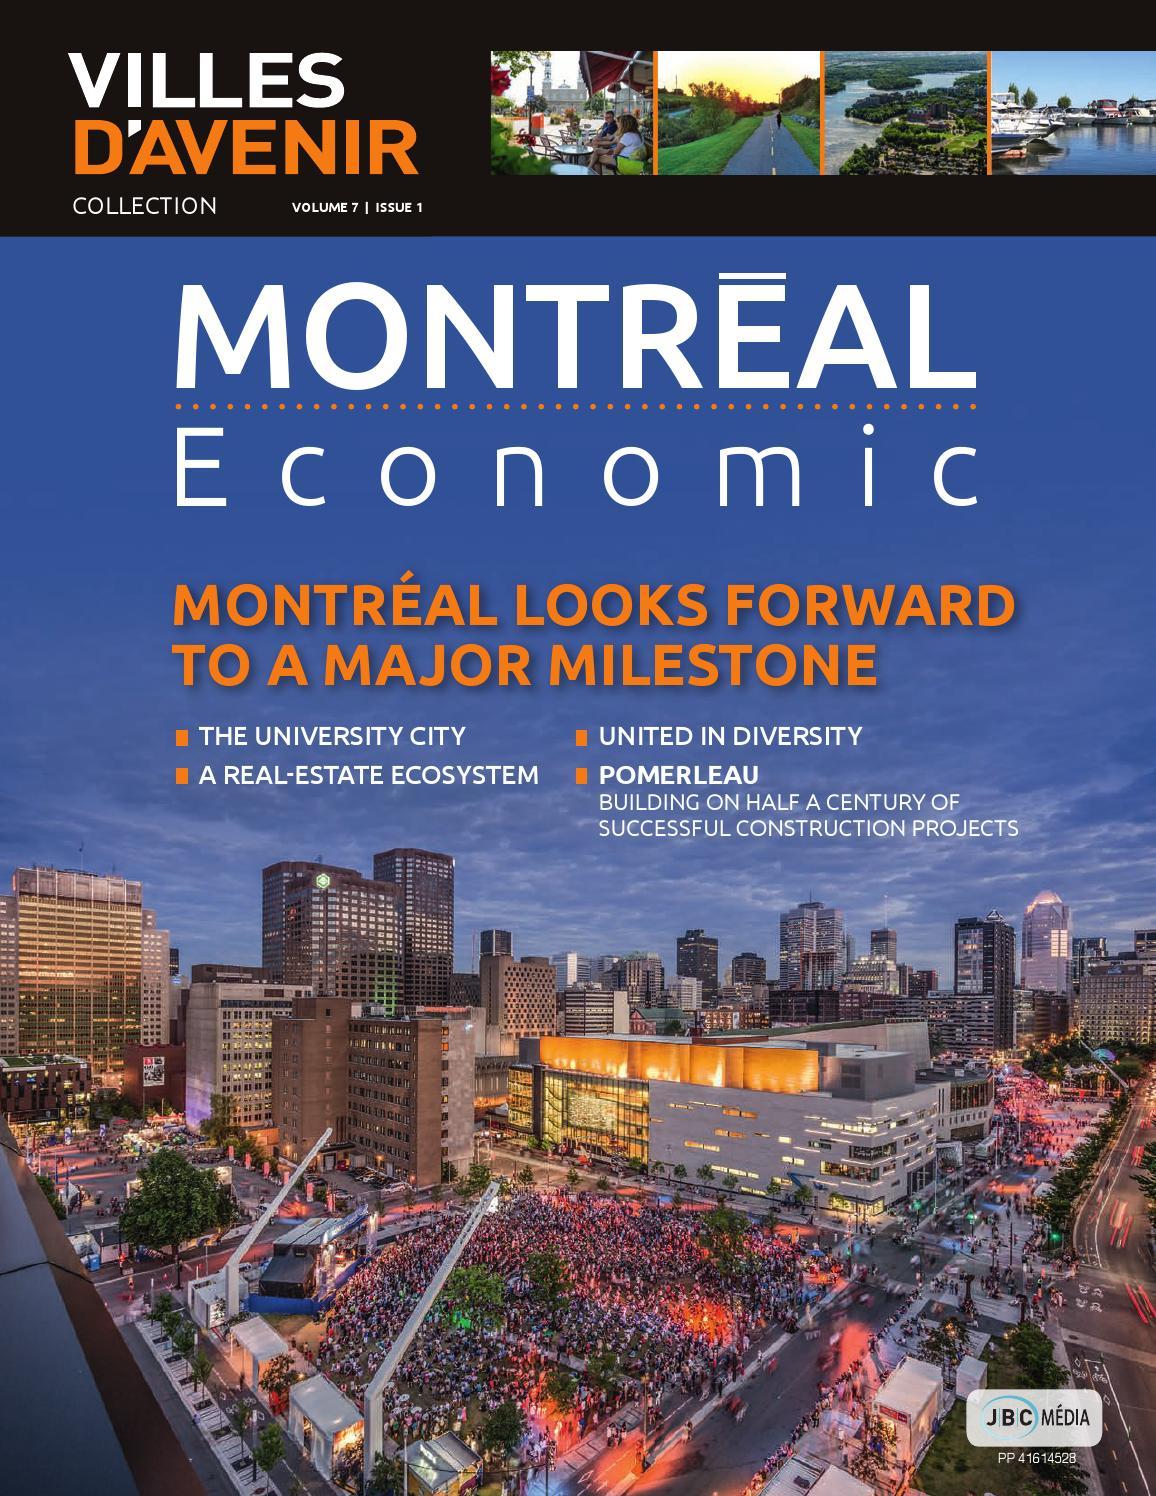 Villes d 39 avenir volume 7 issue 1 montr al economic for College laval piscine